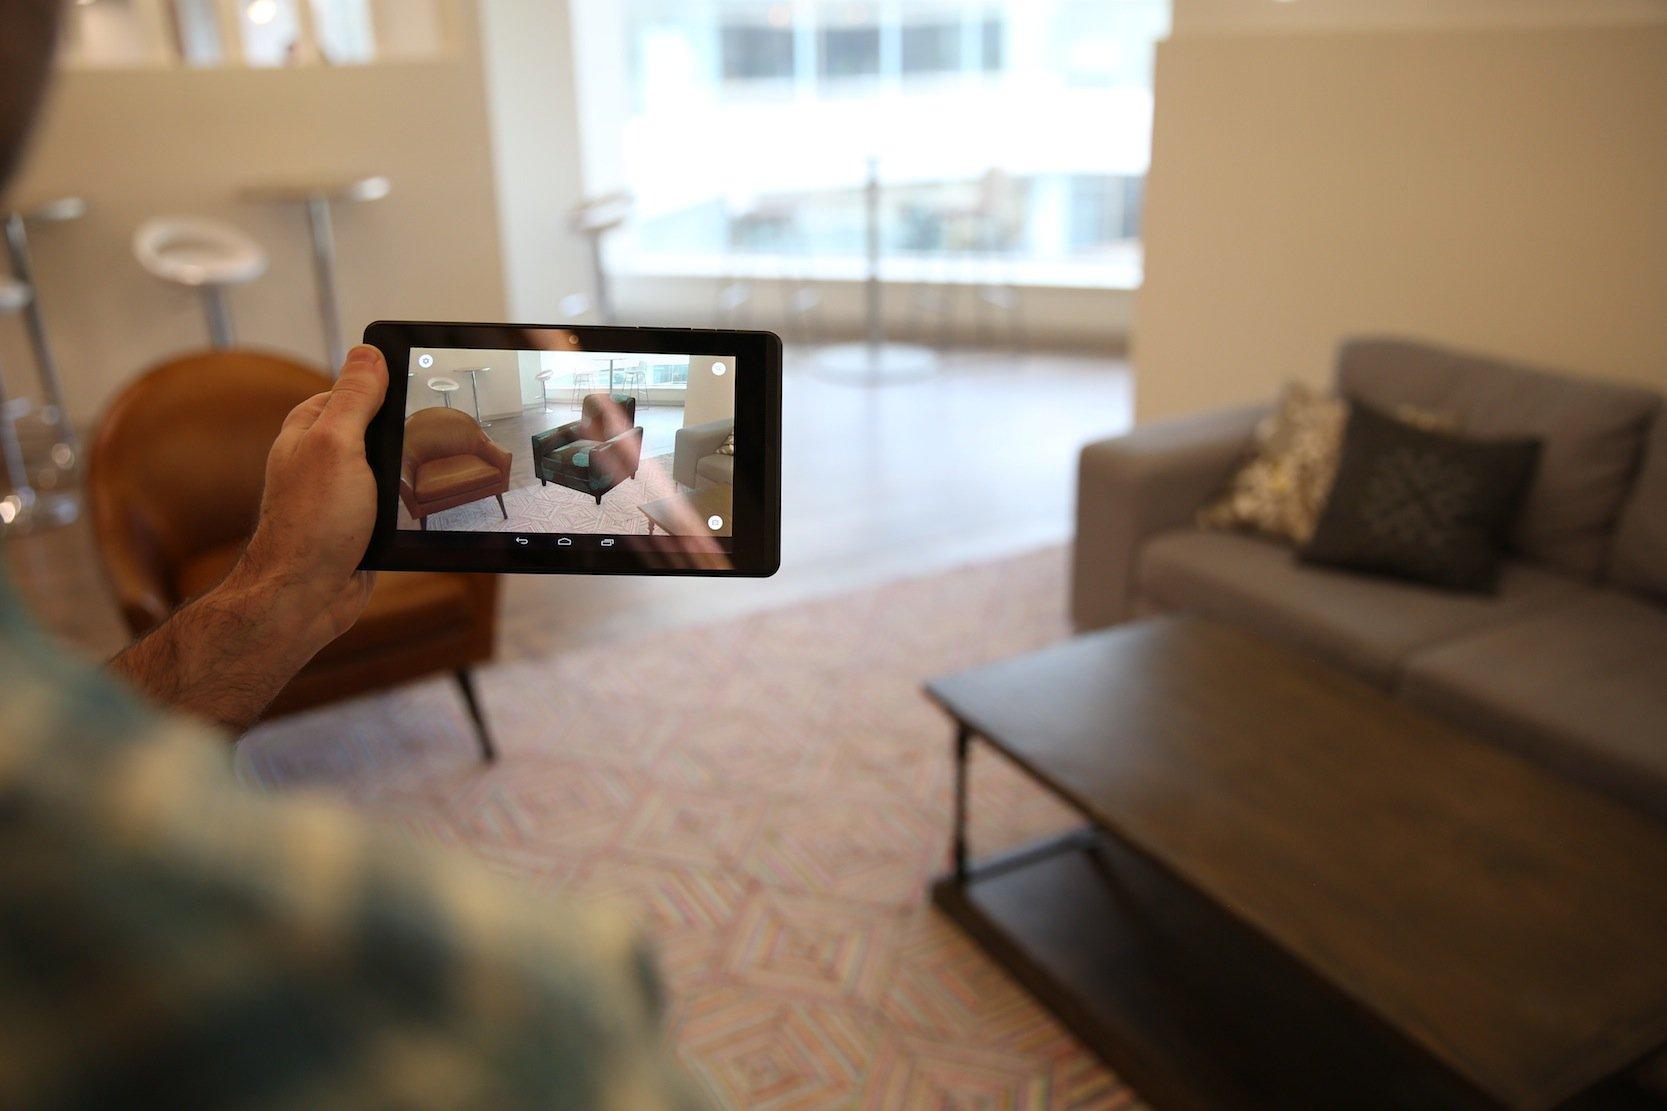 Wie würde sich in der Ecke des Wohnzimmers ein weiterer Sessel machen? Mit der 3D-Technik des neuen Lenovo-Smartphone lässt sich das virtuell ausprobieren.